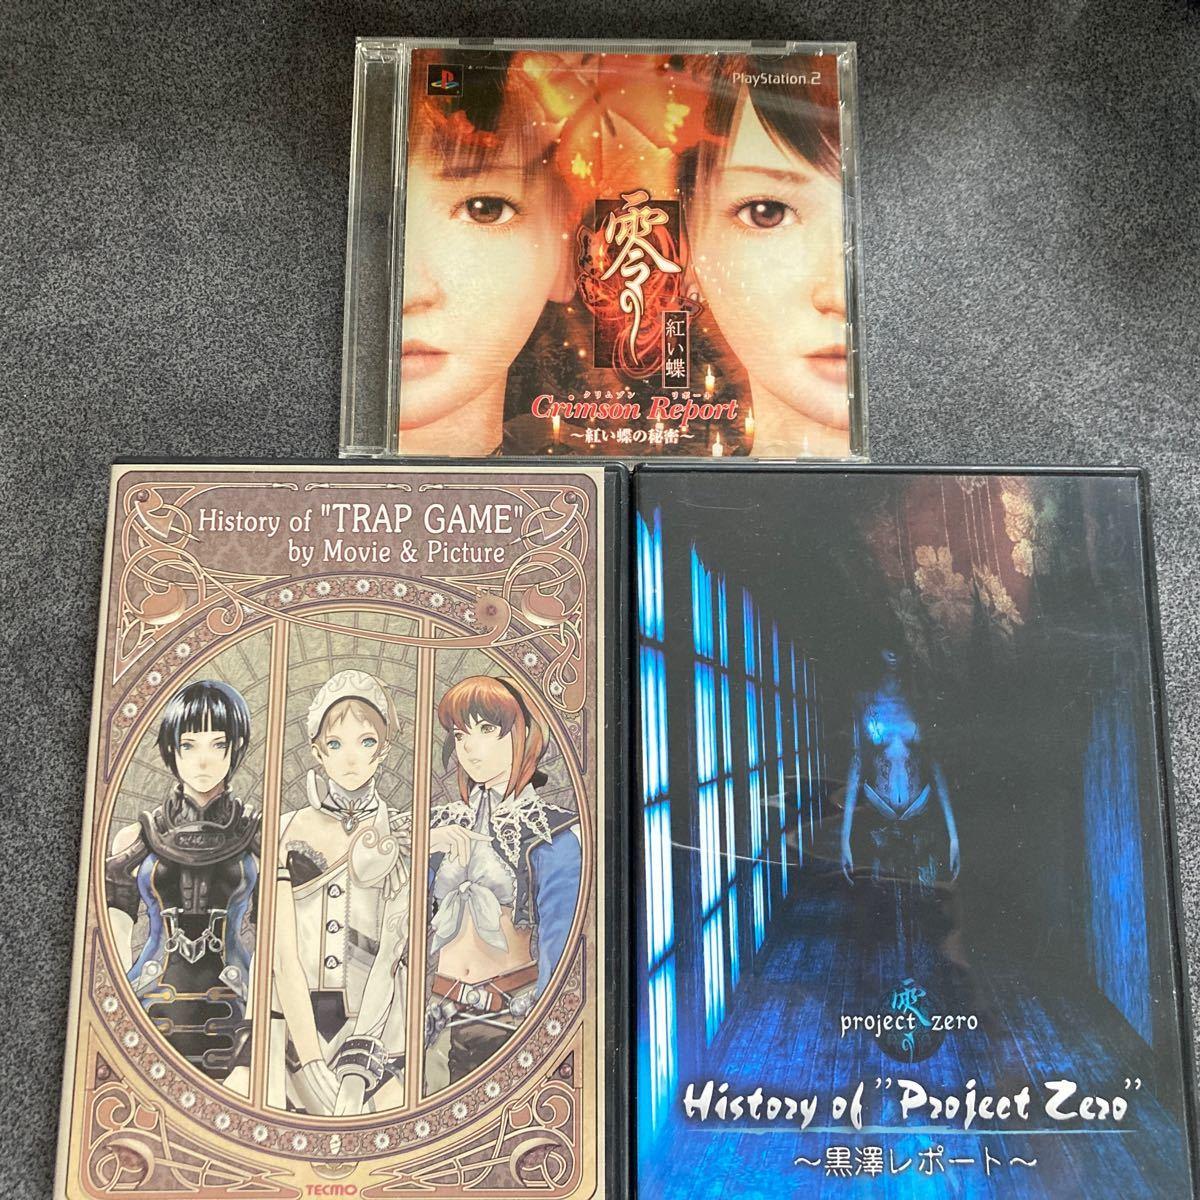 【プレイステーション2】特典DVD3本セット(零 刺青の聲・零 紅い蝶・影牢IIのそれぞれの特典です)